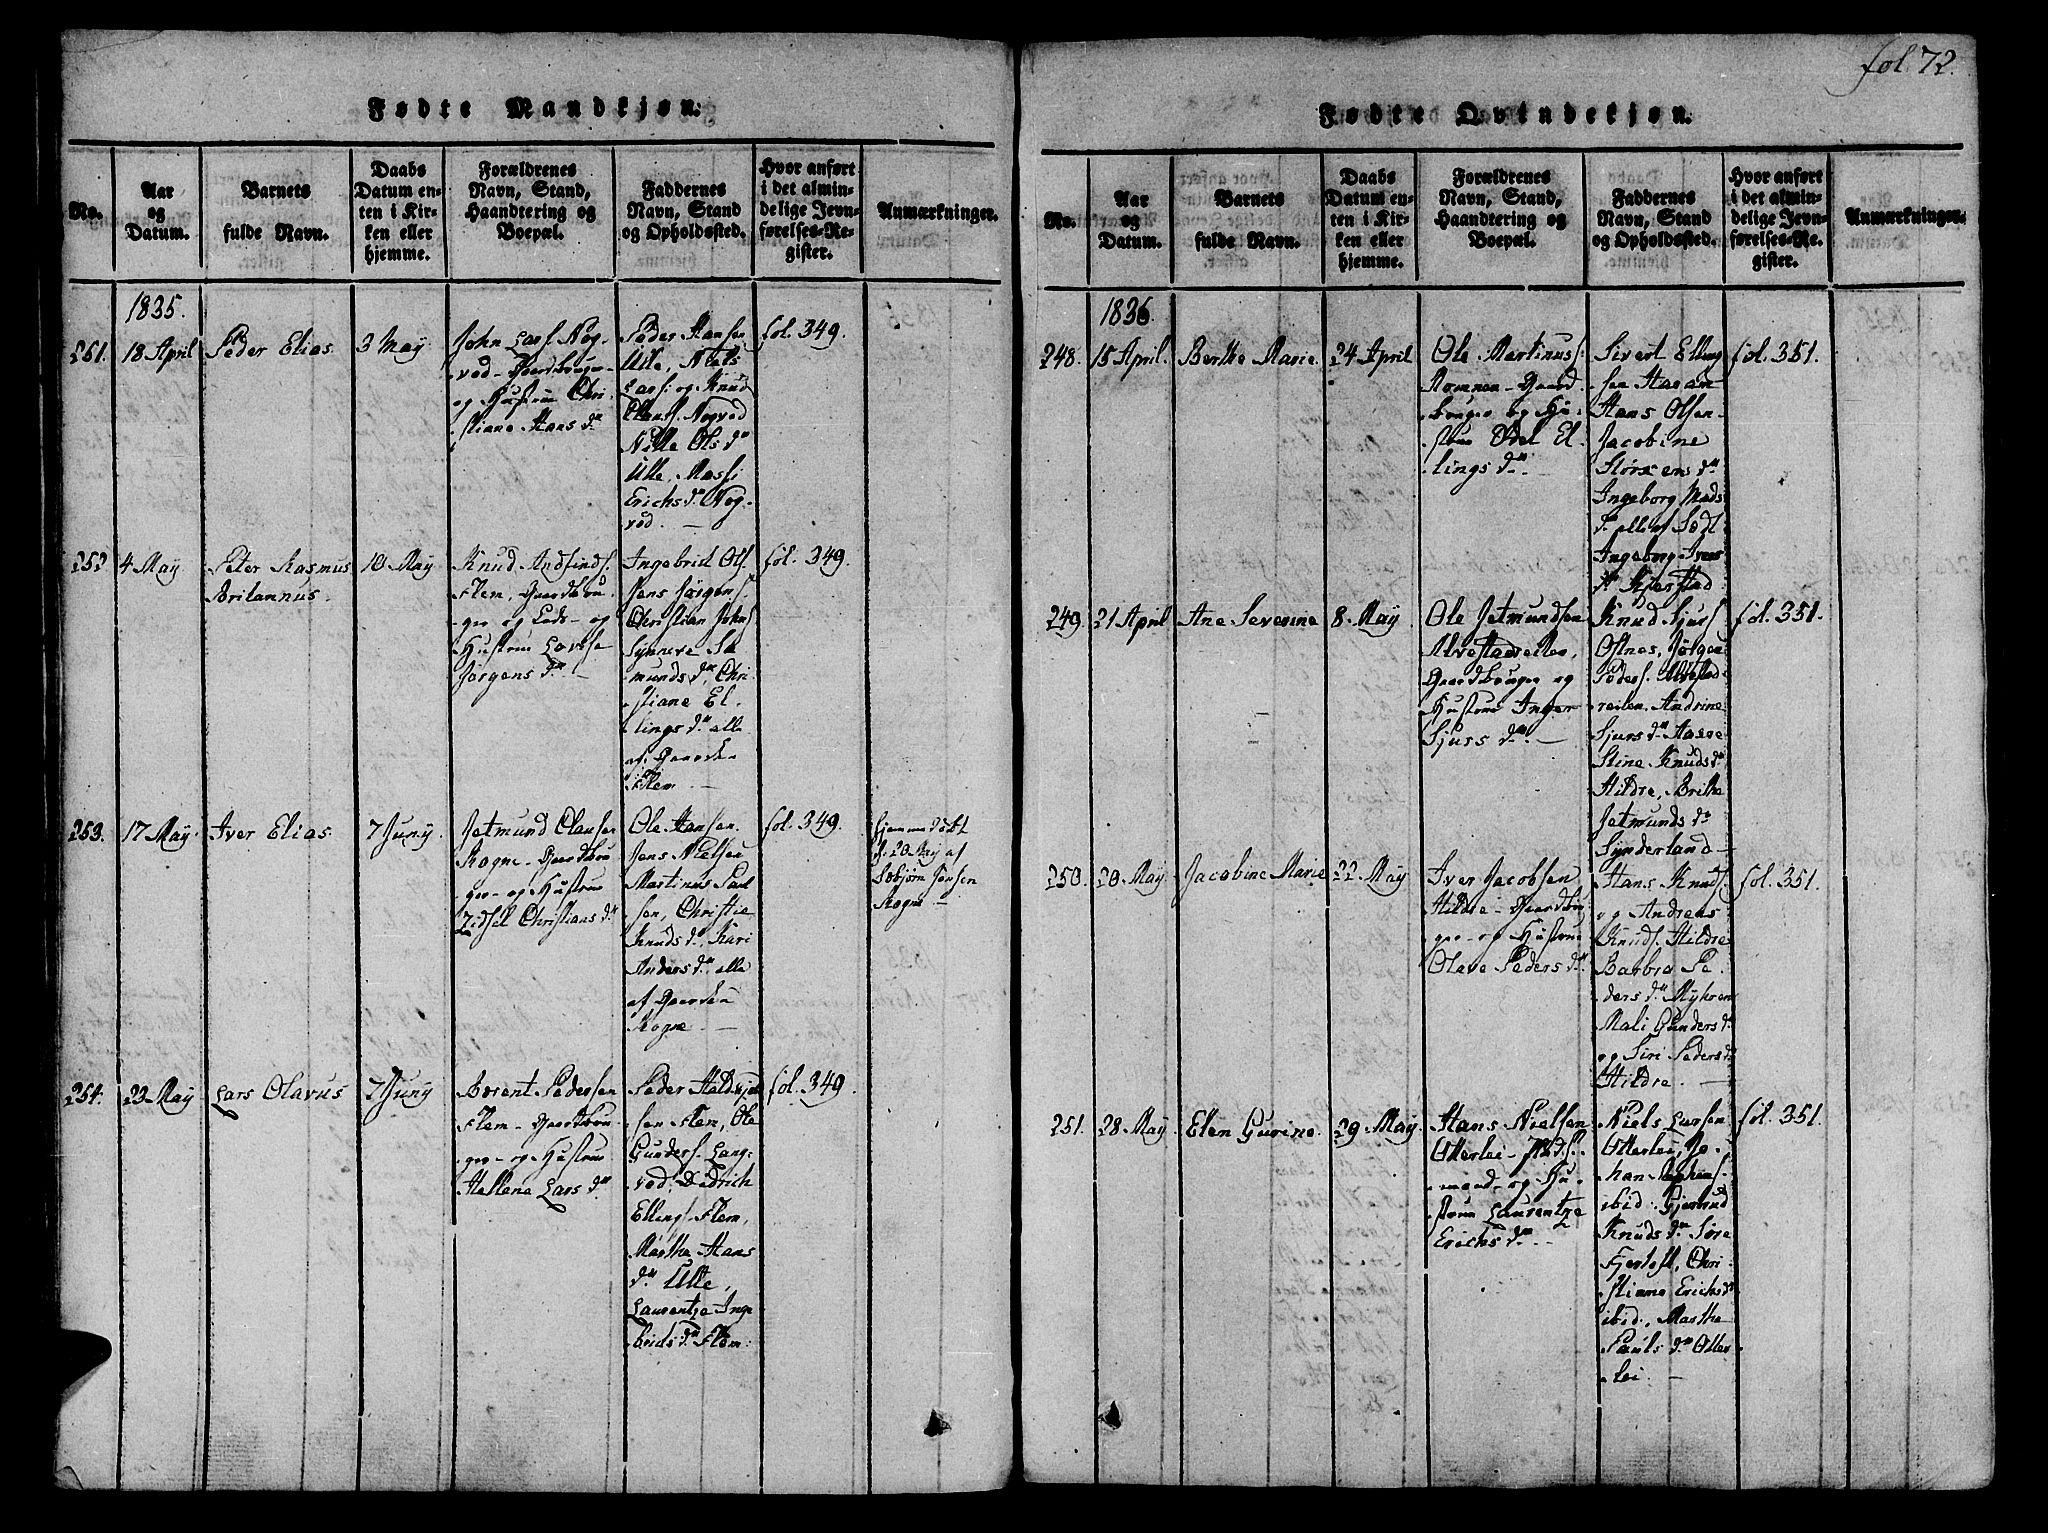 SAT, Ministerialprotokoller, klokkerbøker og fødselsregistre - Møre og Romsdal, 536/L0495: Ministerialbok nr. 536A04, 1818-1847, s. 72